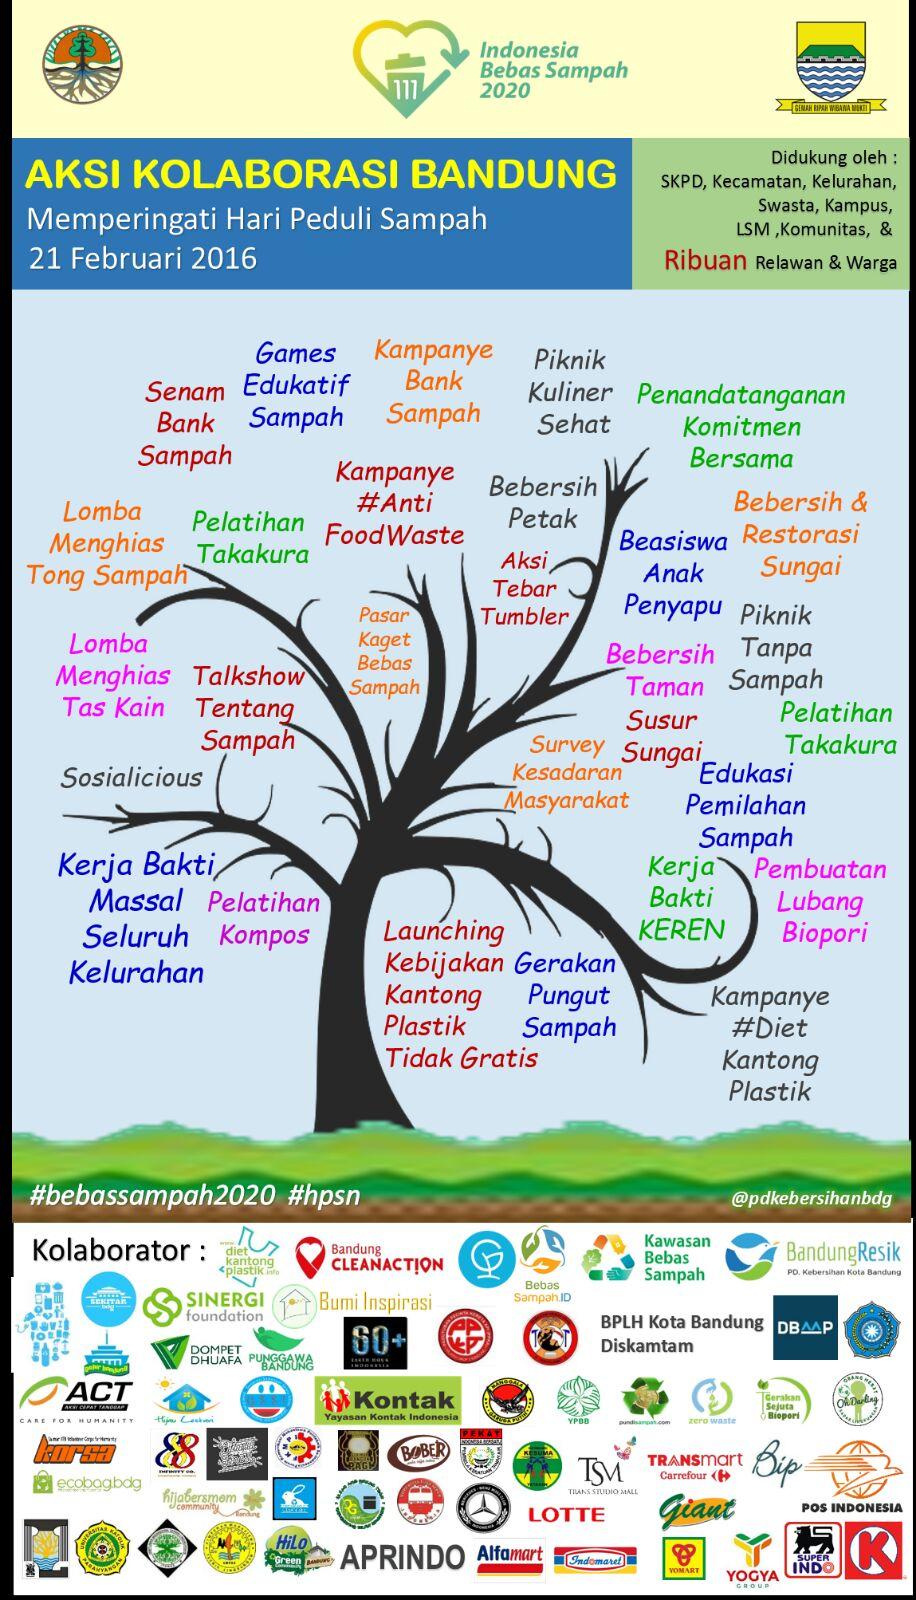 Aksi kolaborasi Bandung, Indonesia Bebas Sampah 2020